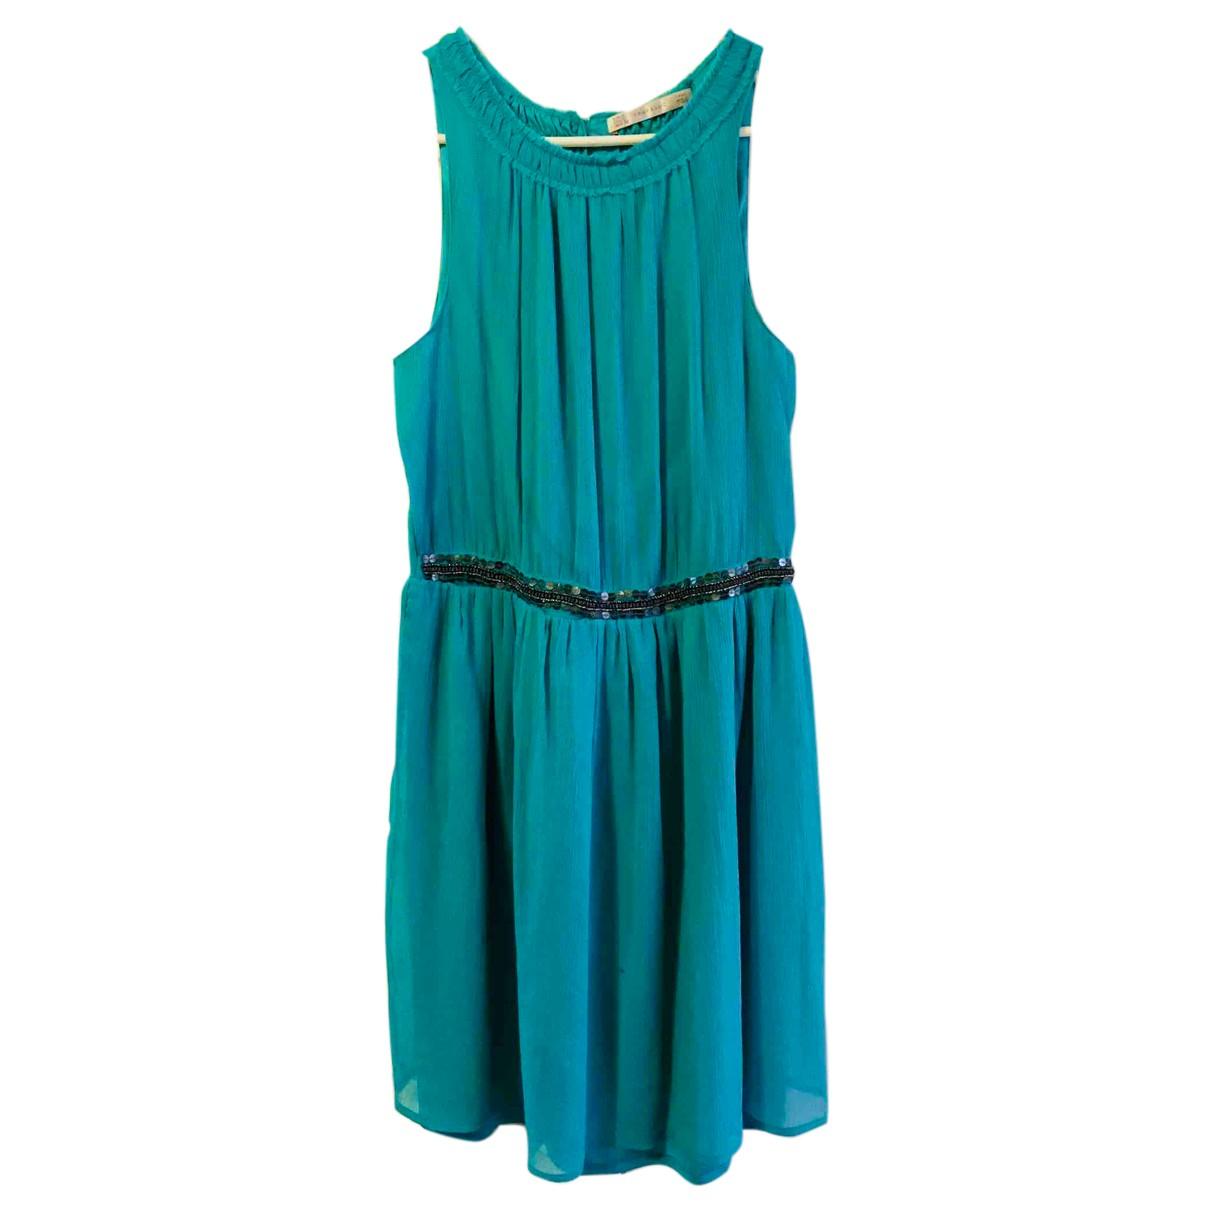 Zara - Robe   pour femme en coton - elasthane - turquoise